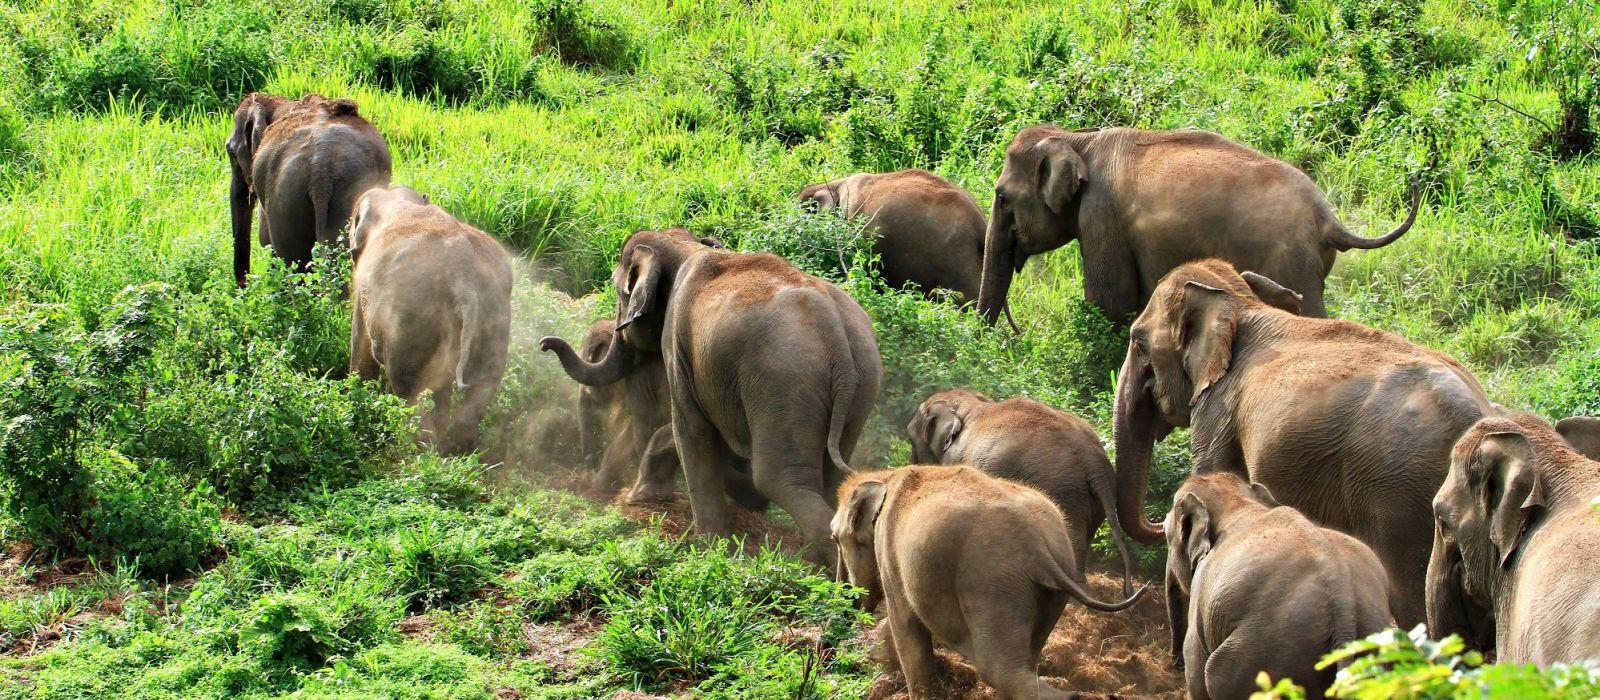 Thailand abseits ausgetretener Pfade Urlaub 5